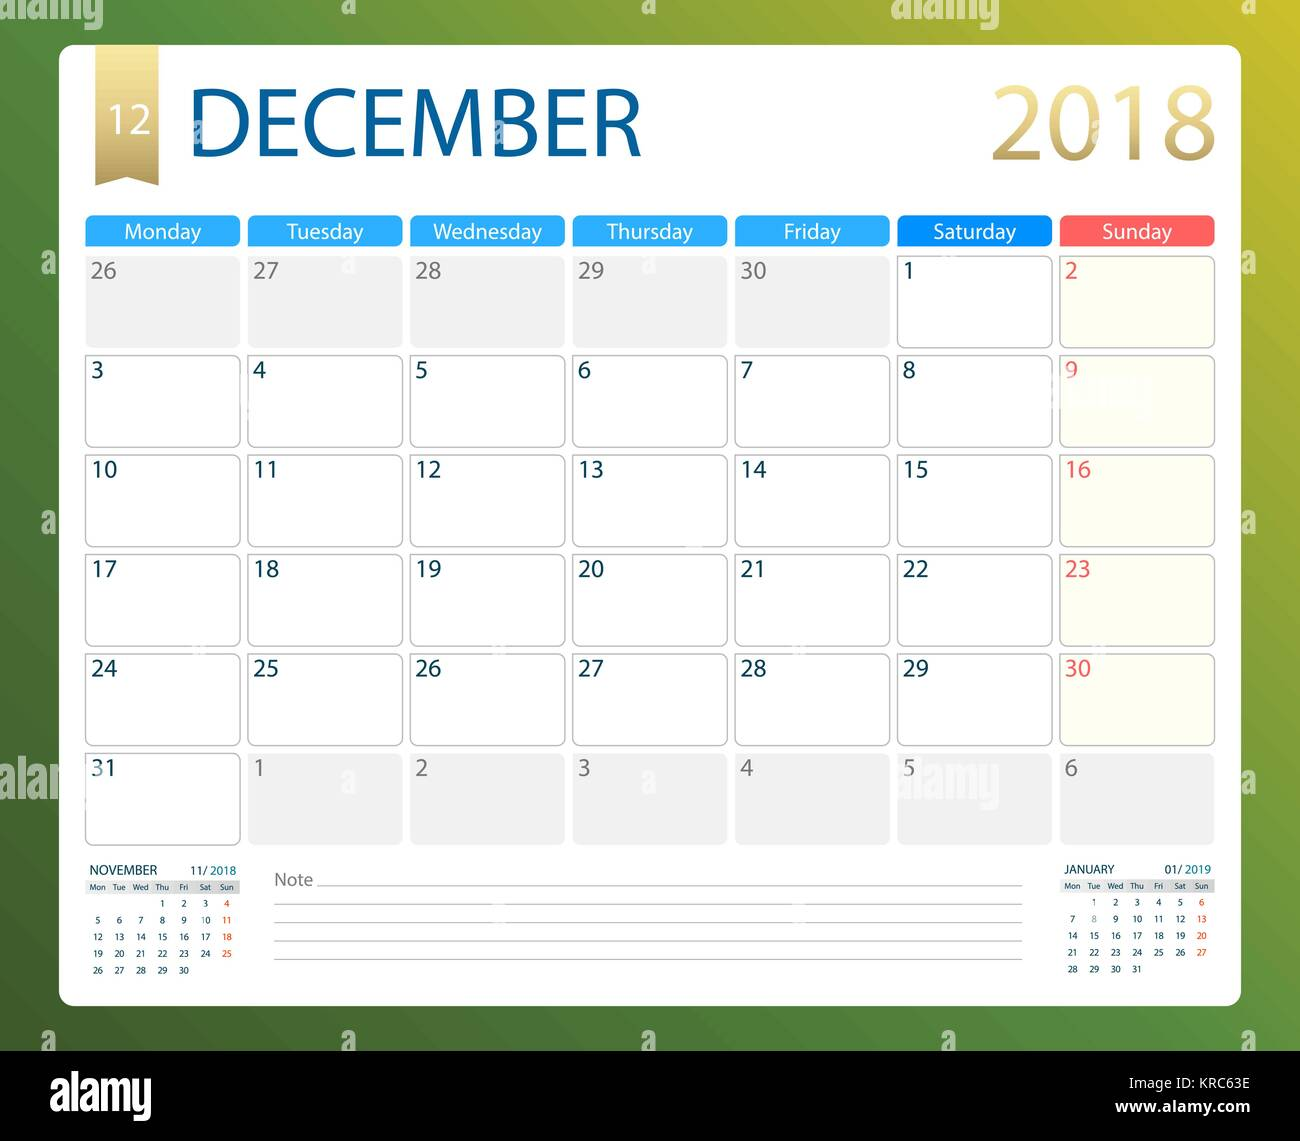 Calendario A Settimane.Dicembre 2018 Illustrazione Vettoriale O Di Calendario Desk